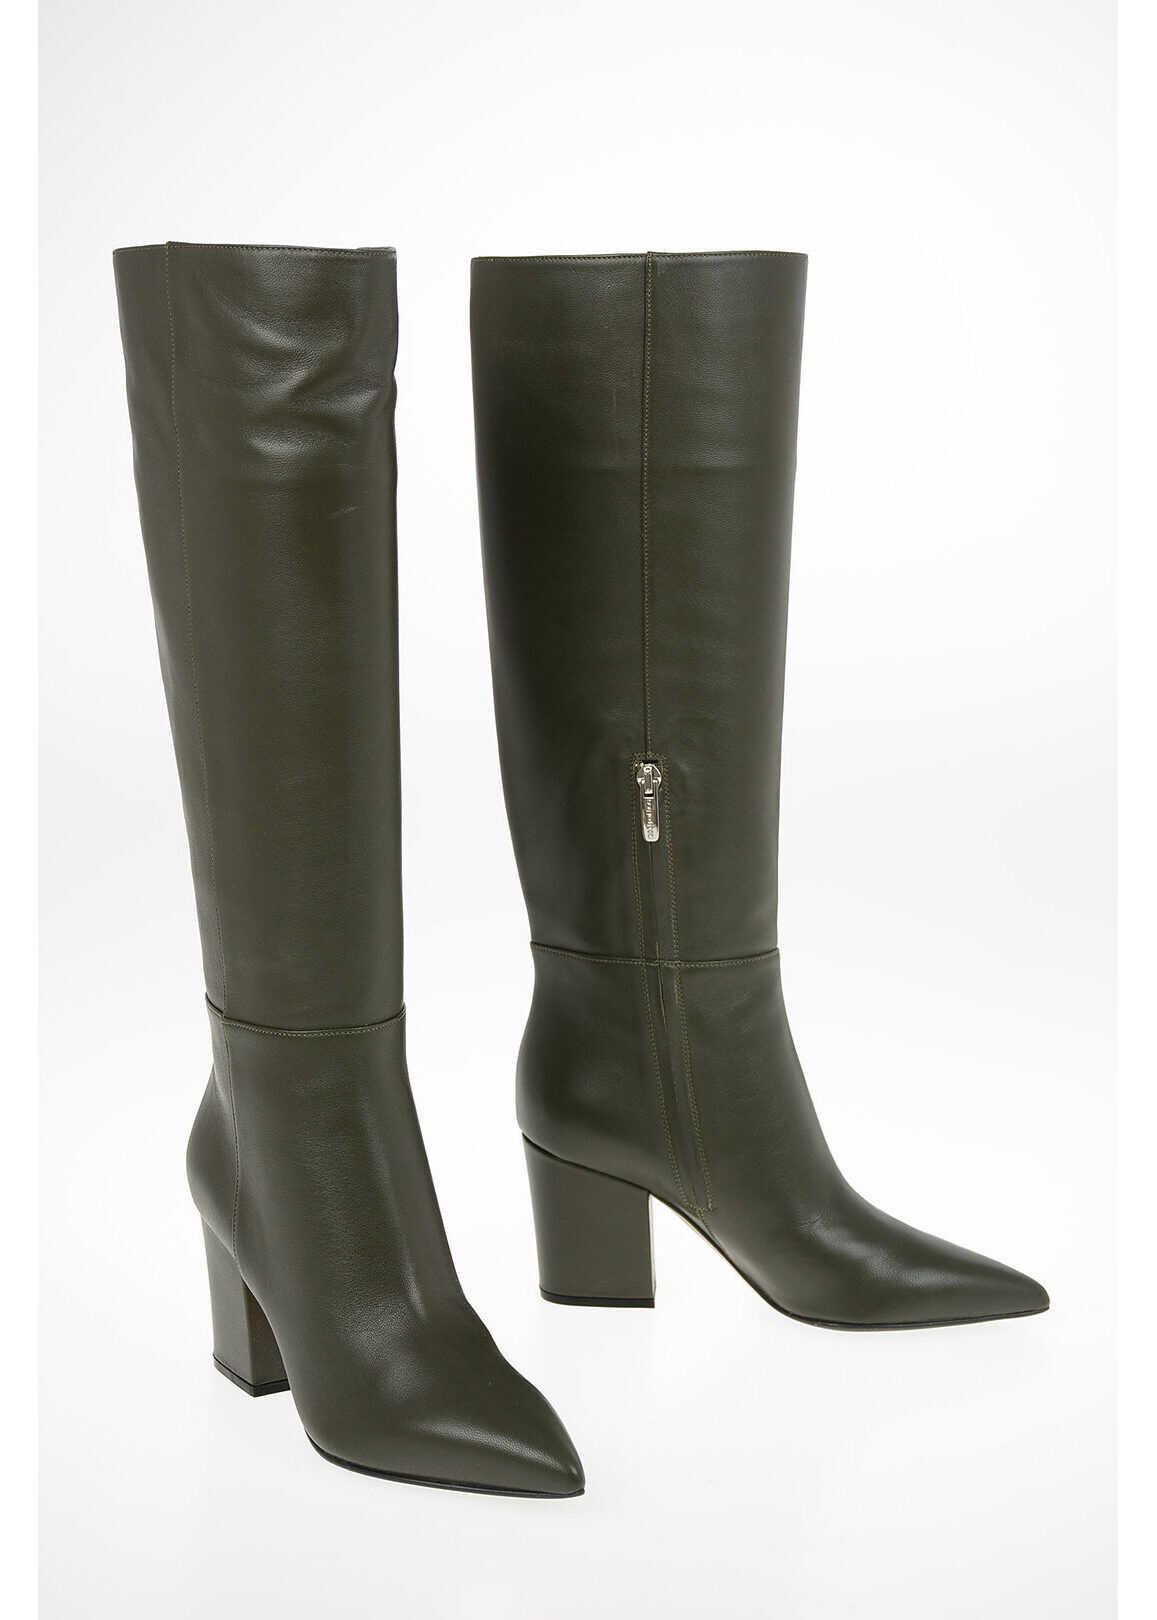 Sergio Rossi Leather SERGIO Boots 7.5cm GREEN imagine b-mall.ro